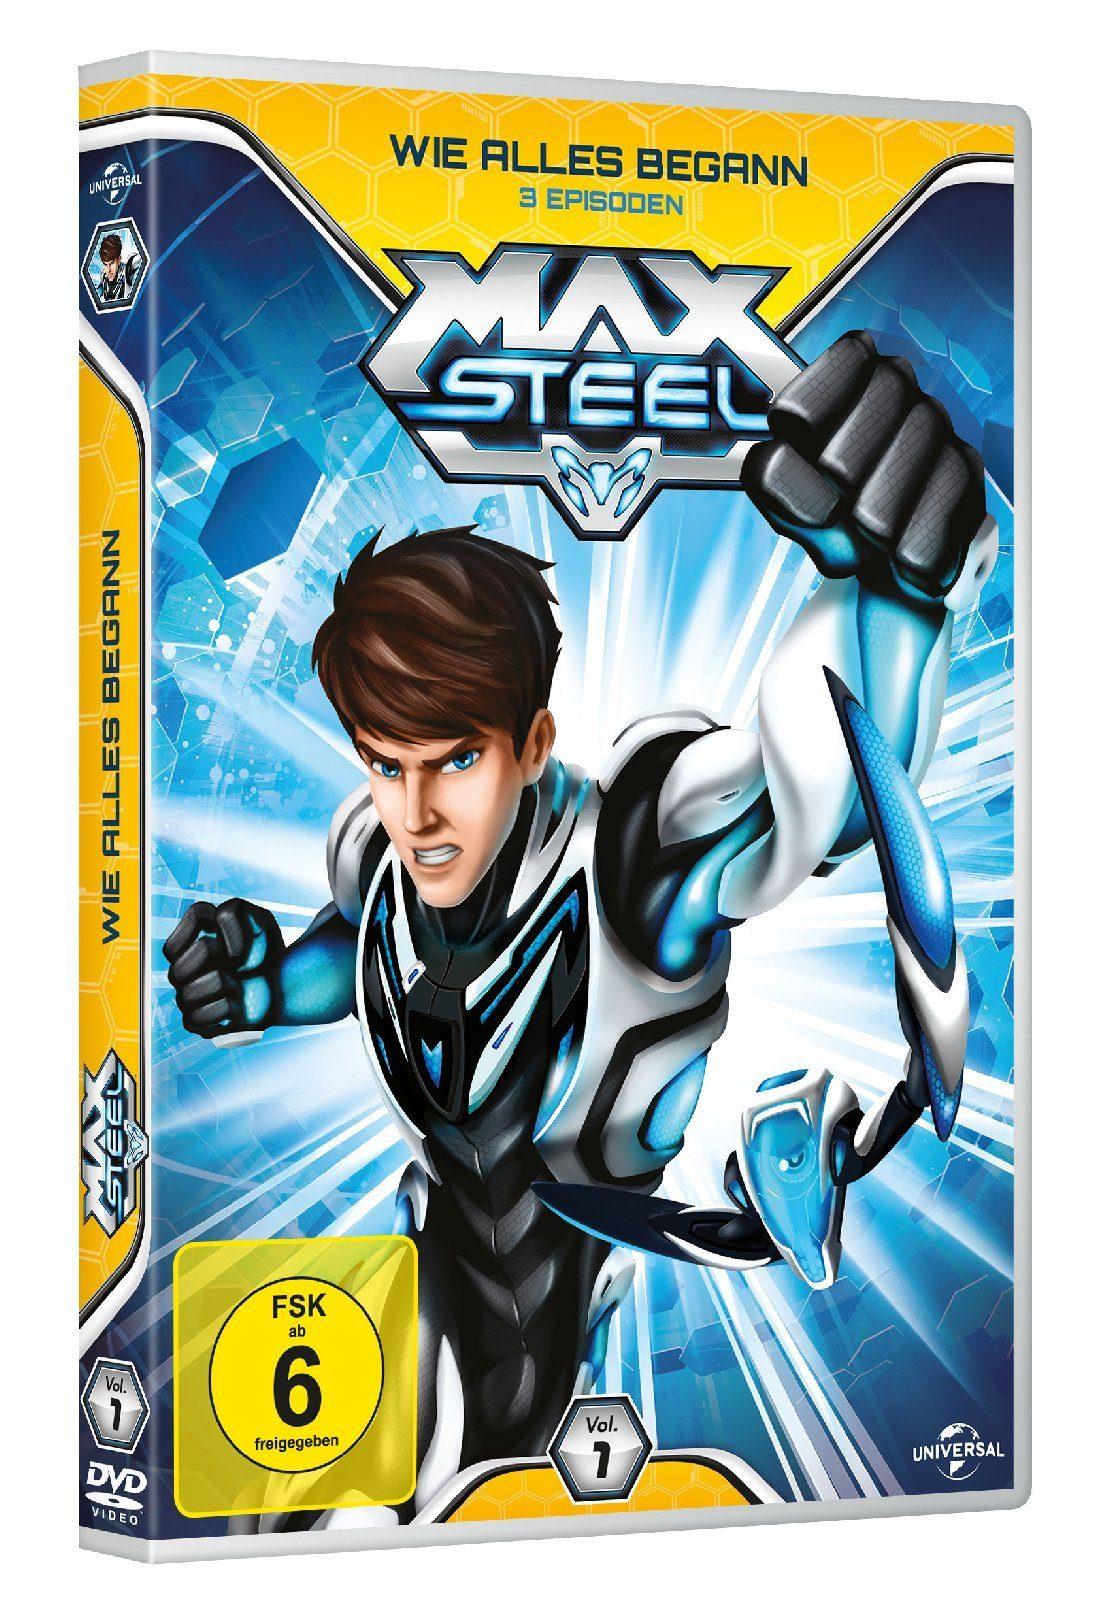 Universal Max Steel Vol. 1 - Wie alles begann »DVD«